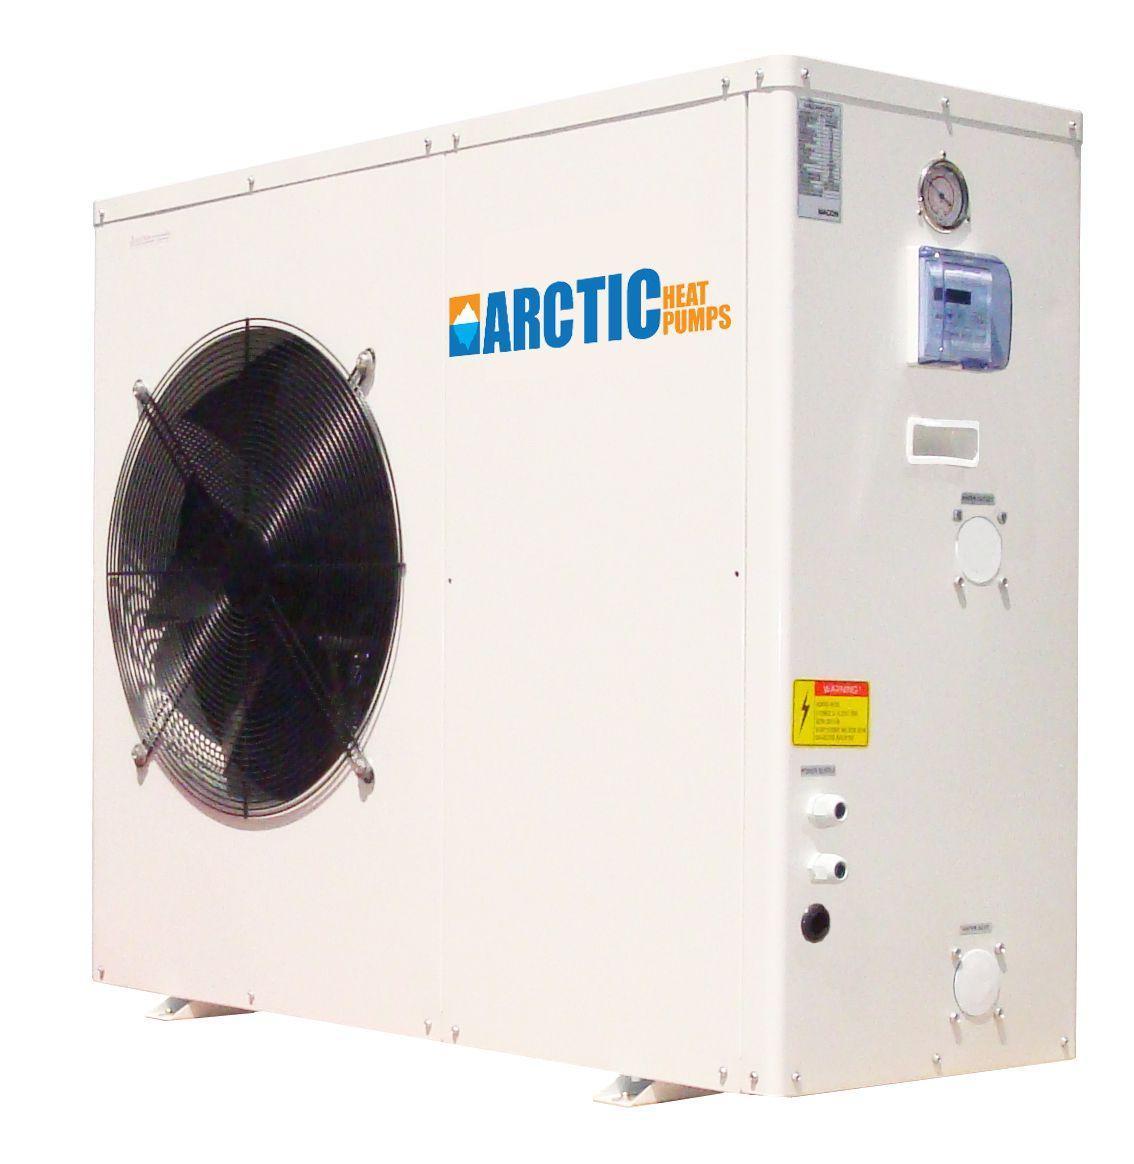 Arctic Heat Pump SPA-025ZA - 10 Kw 35,000 BTU